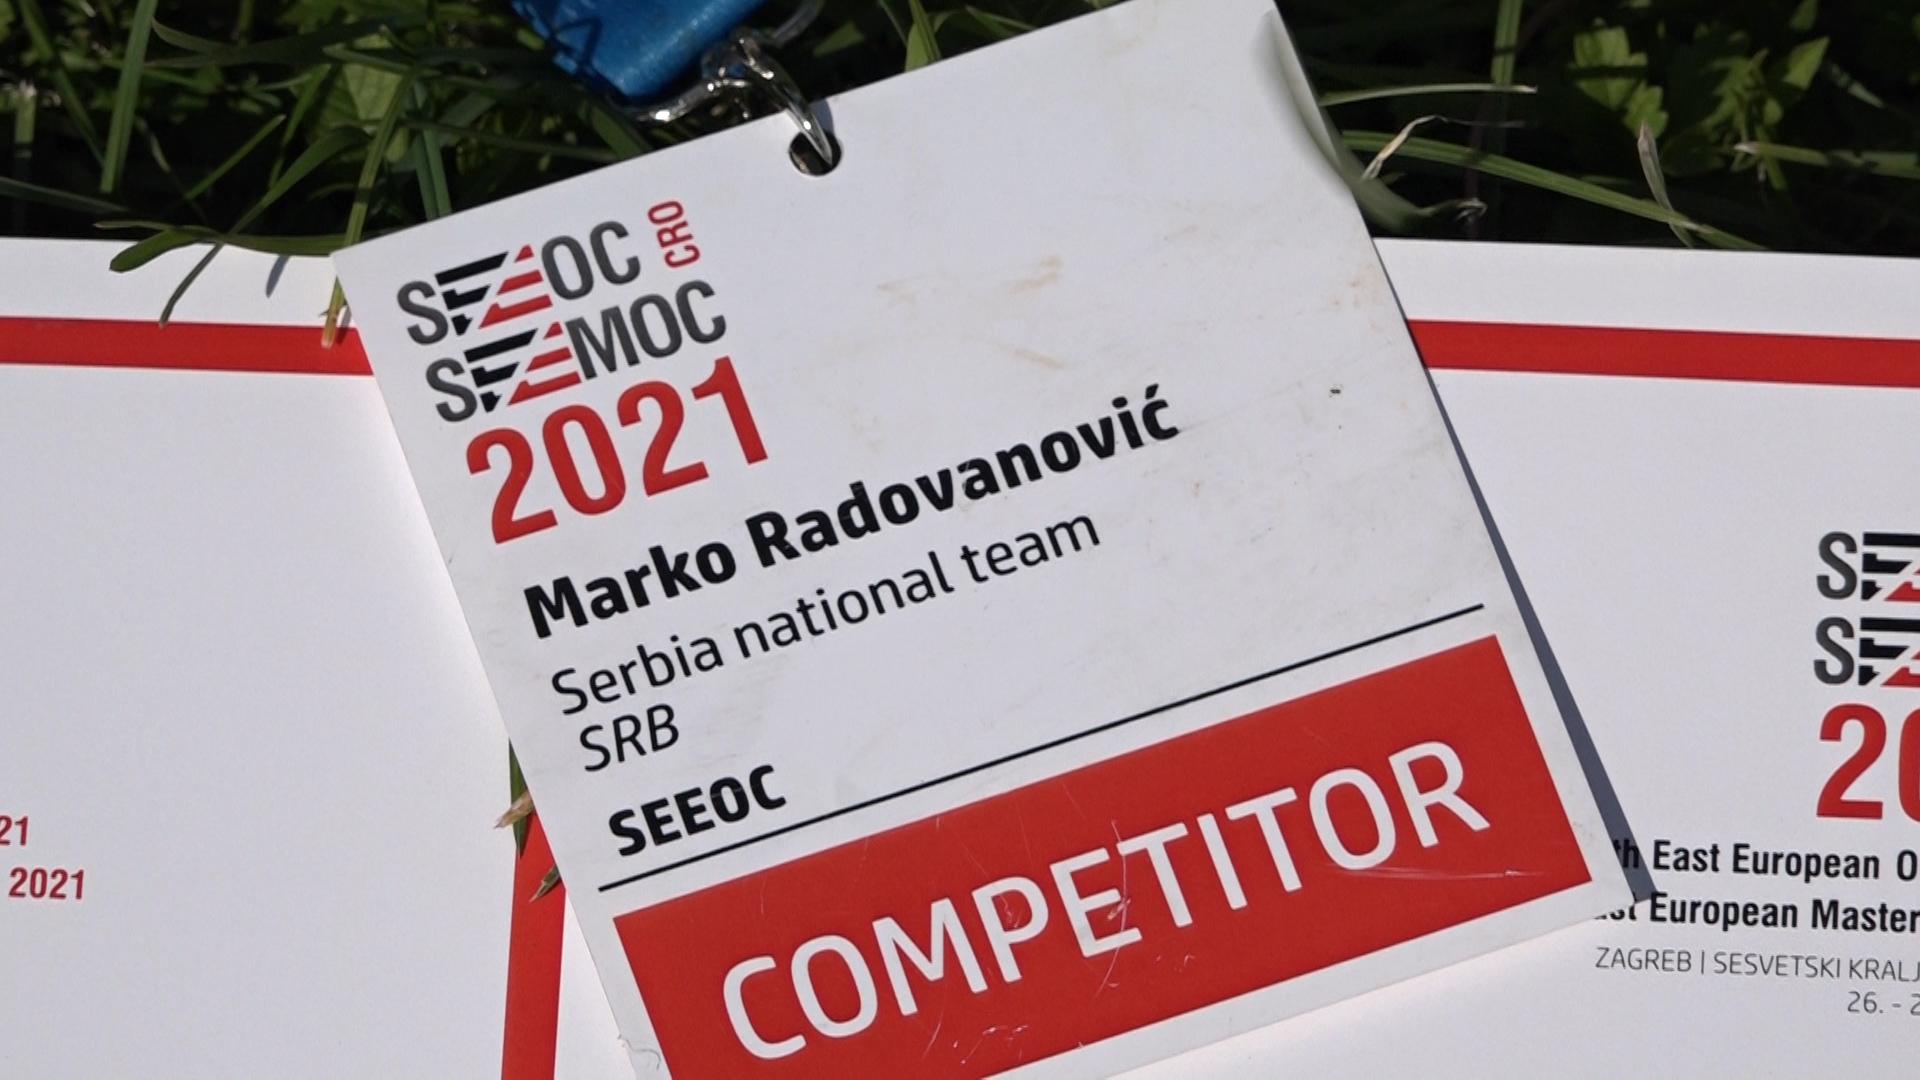 Paraćinski orijentirac Marko Radovanović odličan na Prvenstvu Jugoistočne Evrope